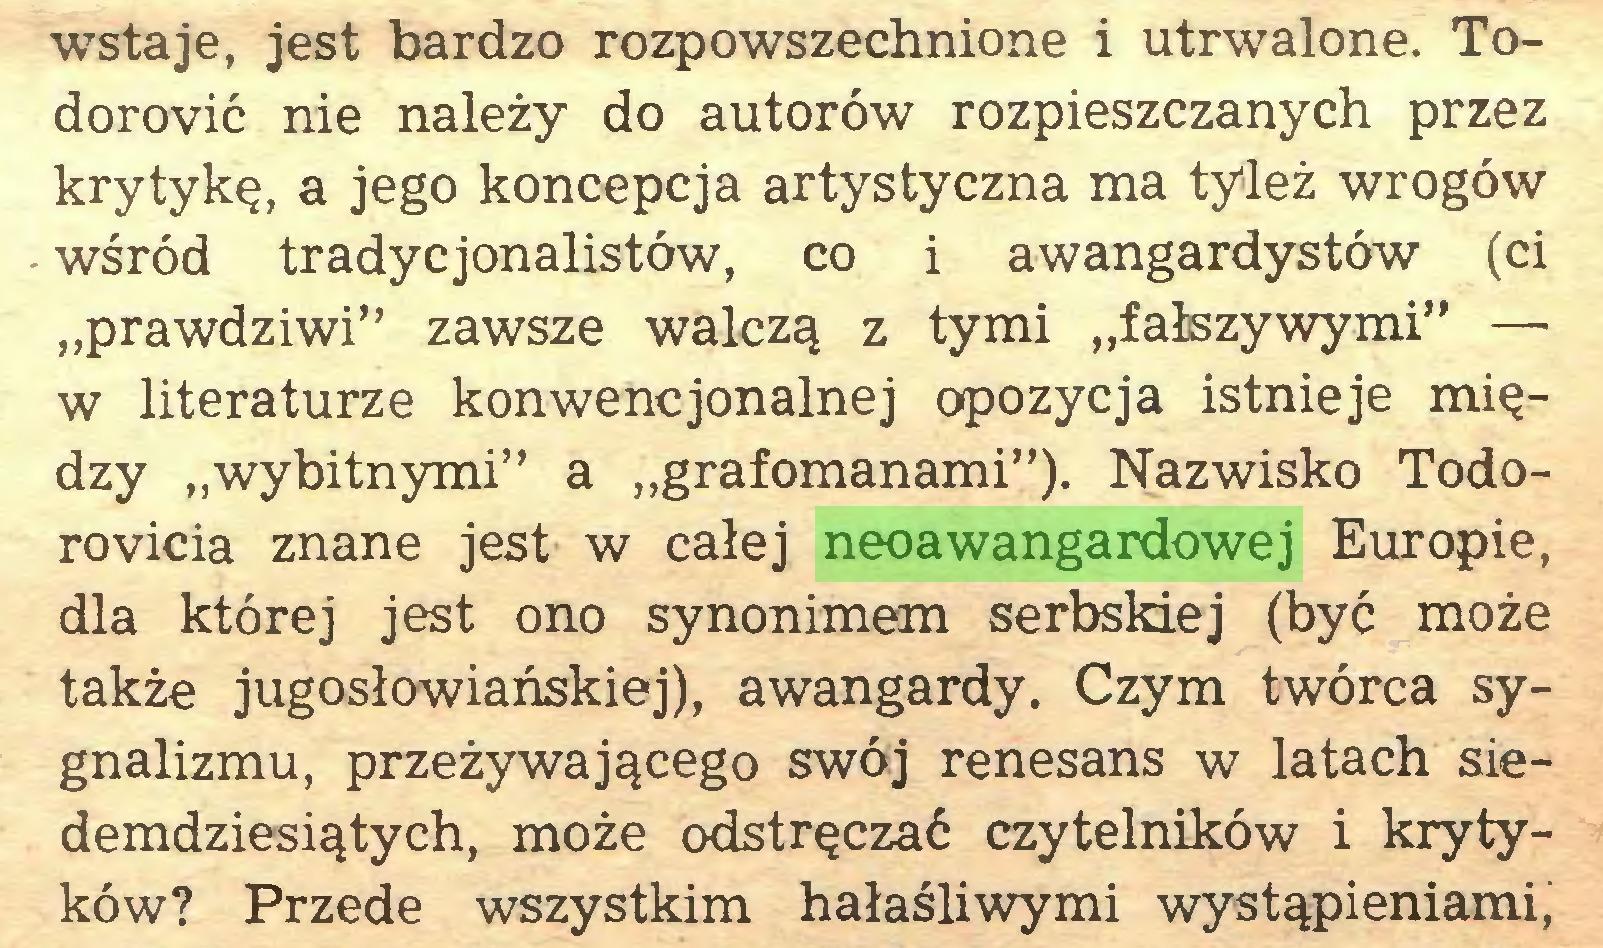 """(...) wstaje, jest bardzo rozpowszechnione i utrwalone. Todorovic nie należy do autorów rozpieszczanych przez krytykę, a jego koncepcja artystyczna ma tyleż wrogów wśród tradycjonalistów, co i awangardystów (ci """"prawdziwi"""" zawsze walczą z tymi """"fałszywymi"""" — w literaturze konwencjonalnej opozycja istnieje między """"wybitnymi"""" a """"grafomanami""""). Nazwisko Todorovicia znane jest w całej neoawangardowej Europie, dla której jest ono synonimem serbskiej (być może także jugosłowiańskiej), awangardy. Czym twórca sygnalizmu, przeżywającego swój renesans w latach siedemdziesiątych, może odstręczać czytelników i krytyków? Przede wszystkim hałaśliwymi wystąpieniami,..."""